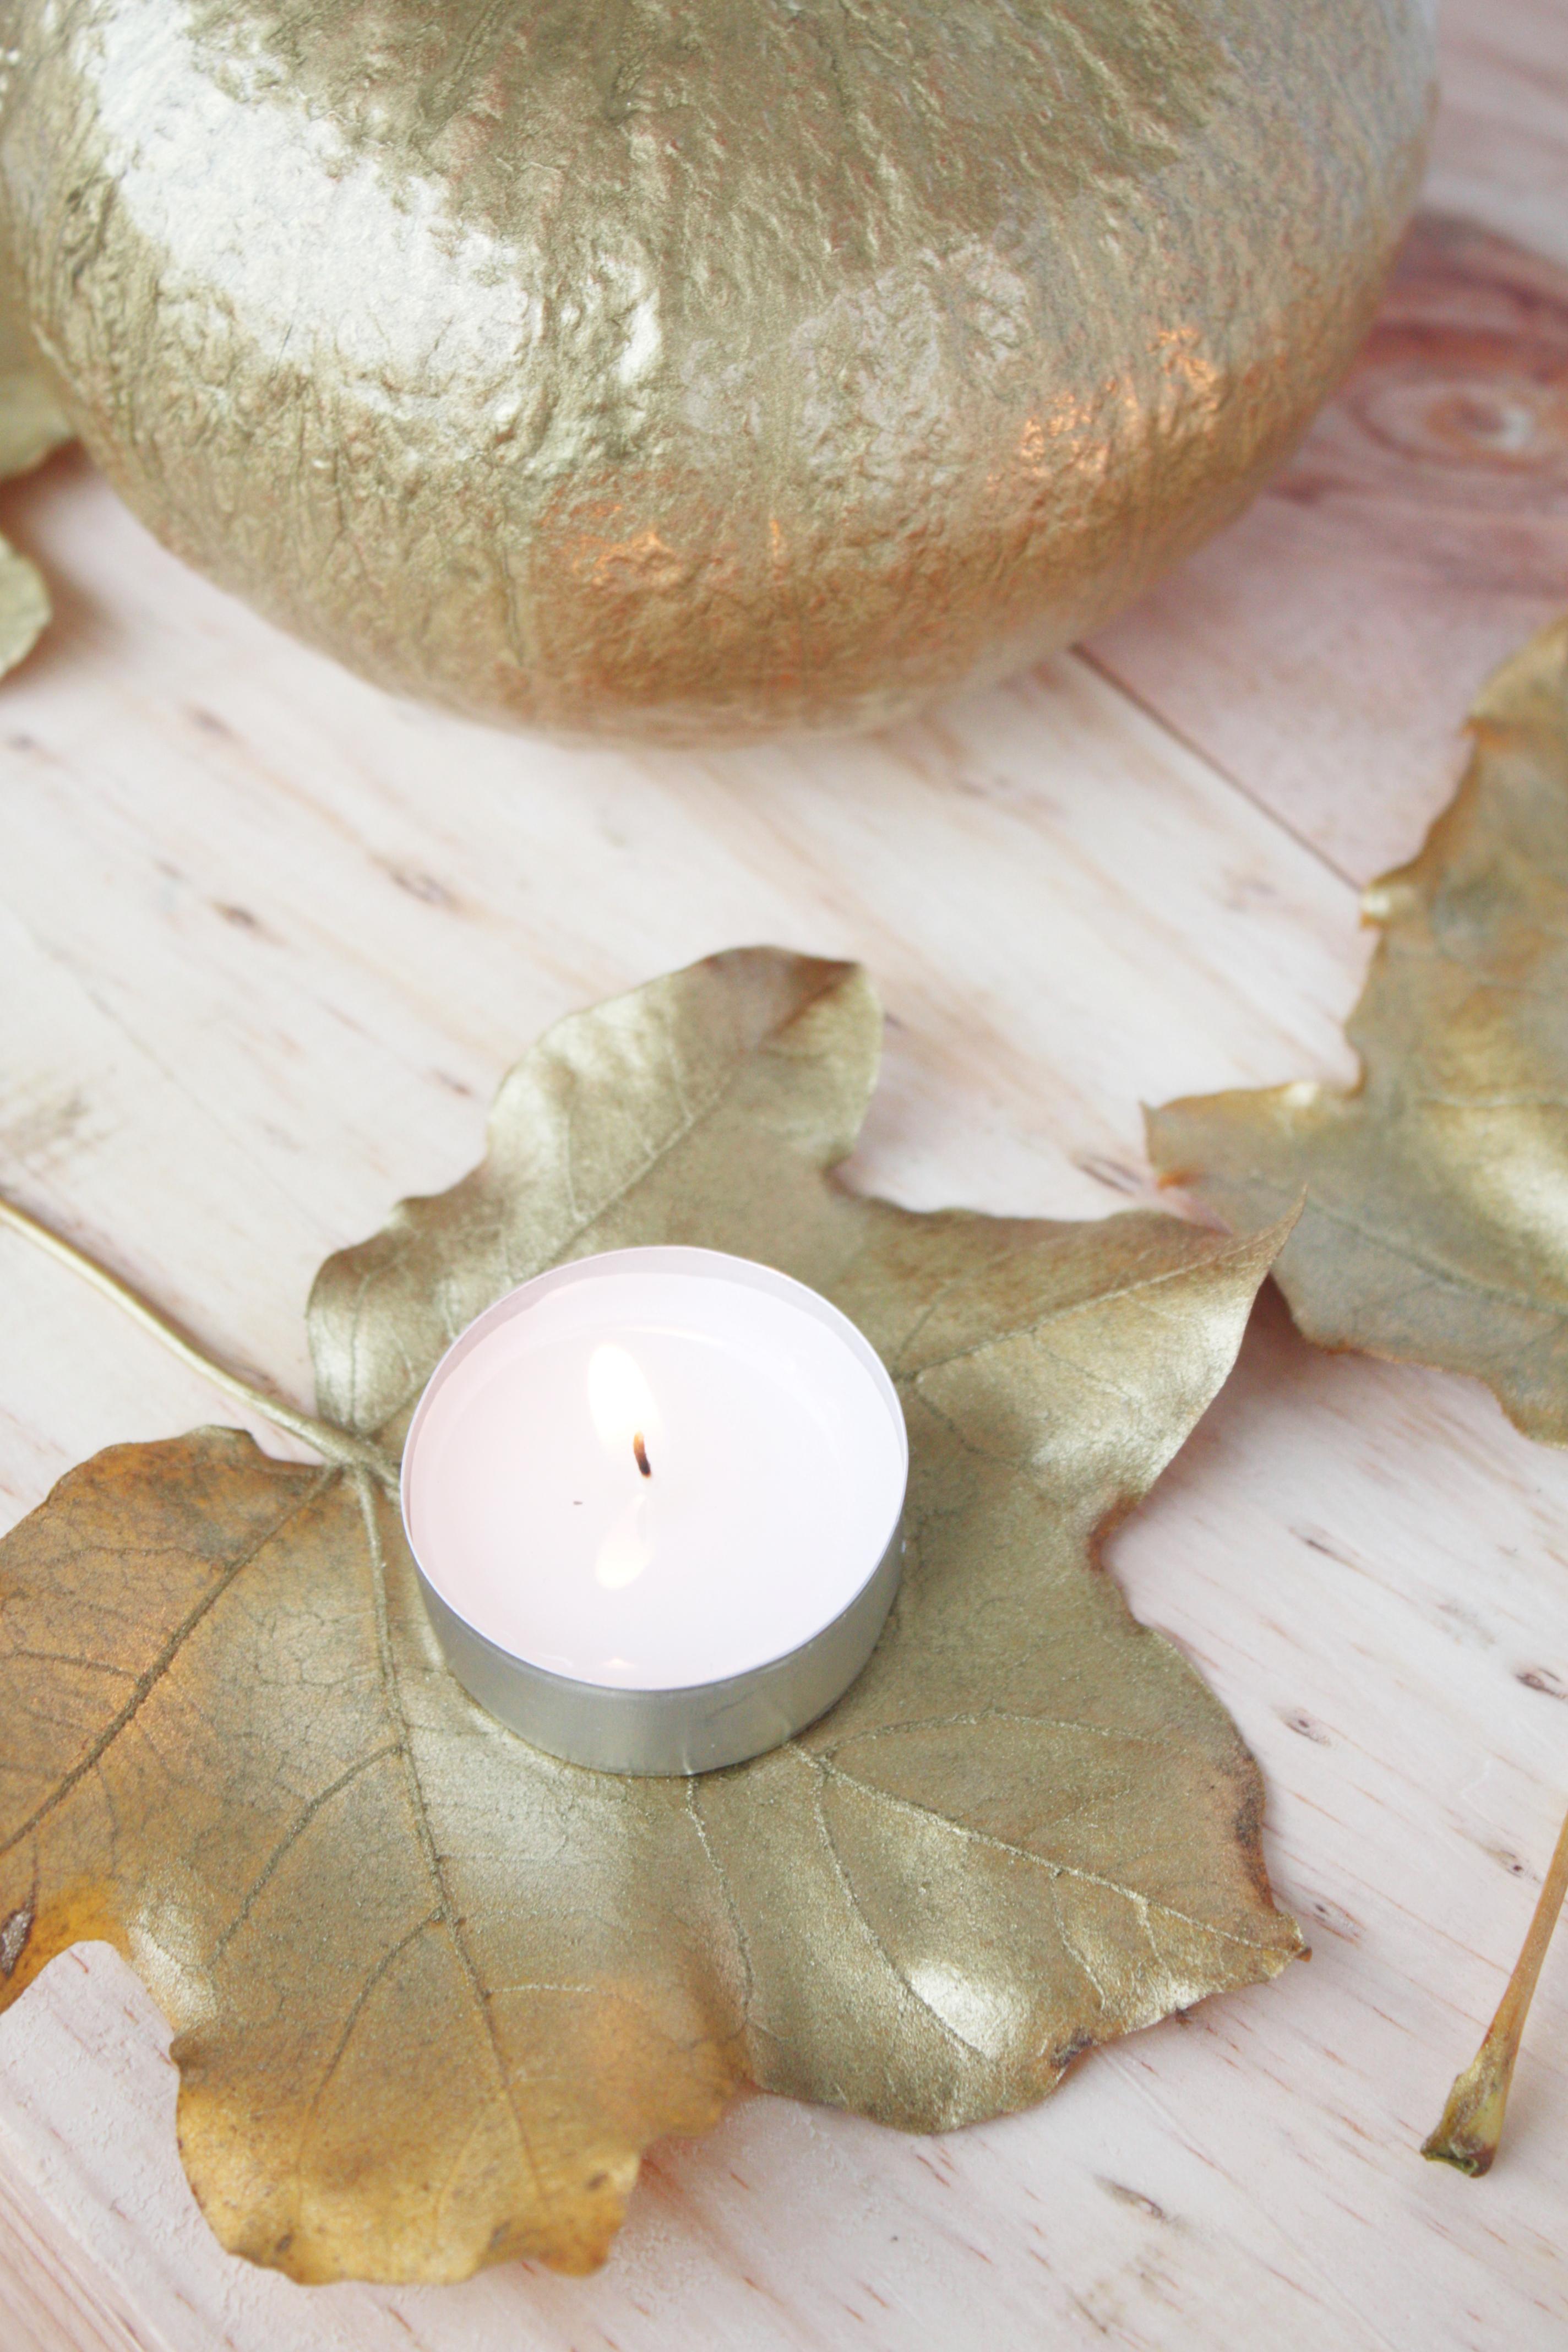 herbstdeko amazing herbstdeko with rosehips with. Black Bedroom Furniture Sets. Home Design Ideas